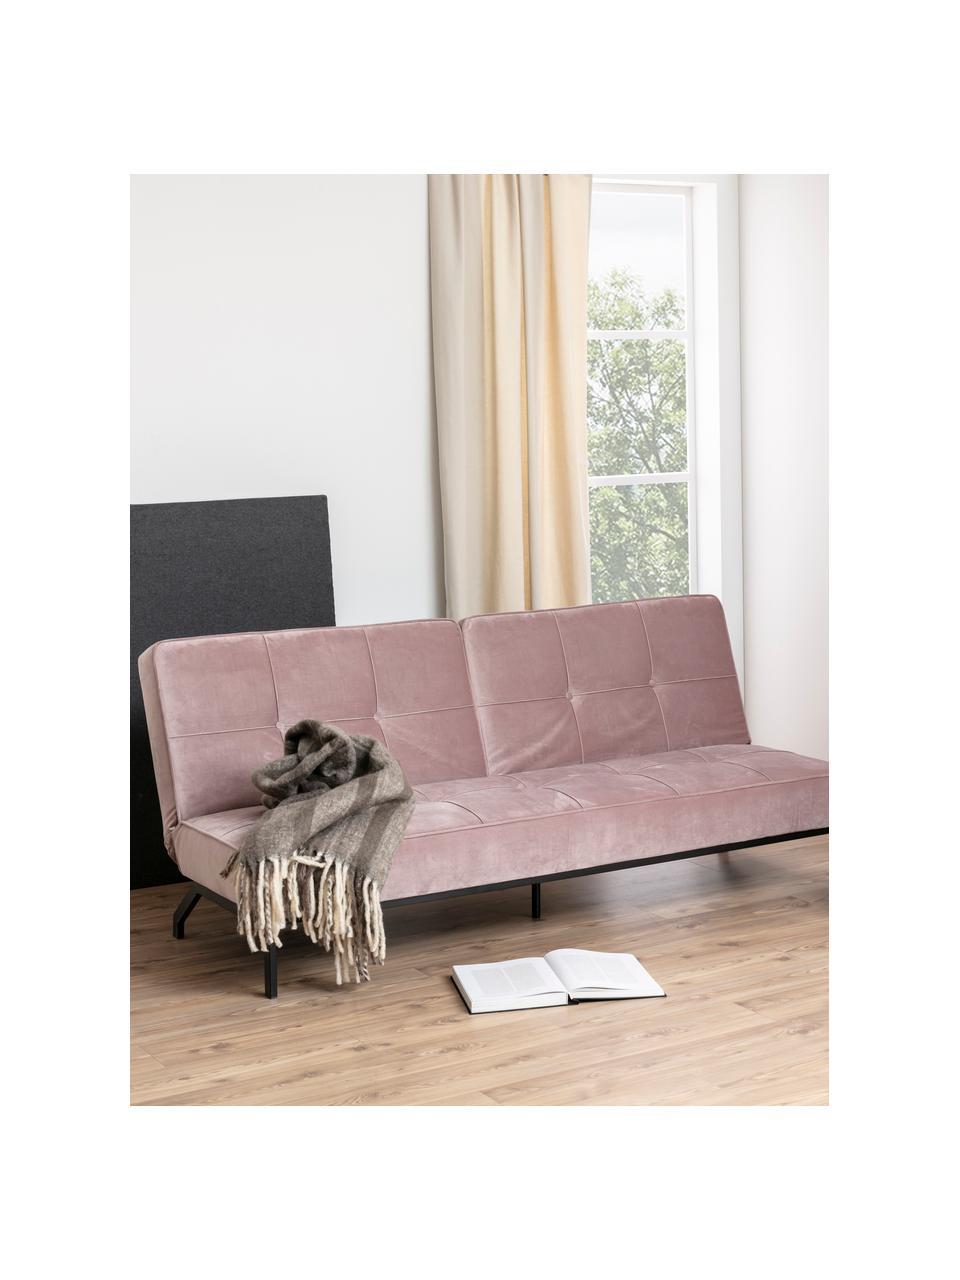 Samt-Schlafsofa Perugia in Rosa mit Metall-Füssen, ausklappbar, Bezug: Polyester Der hochwertige, Samt Rosa, B 198 x T 95 cm